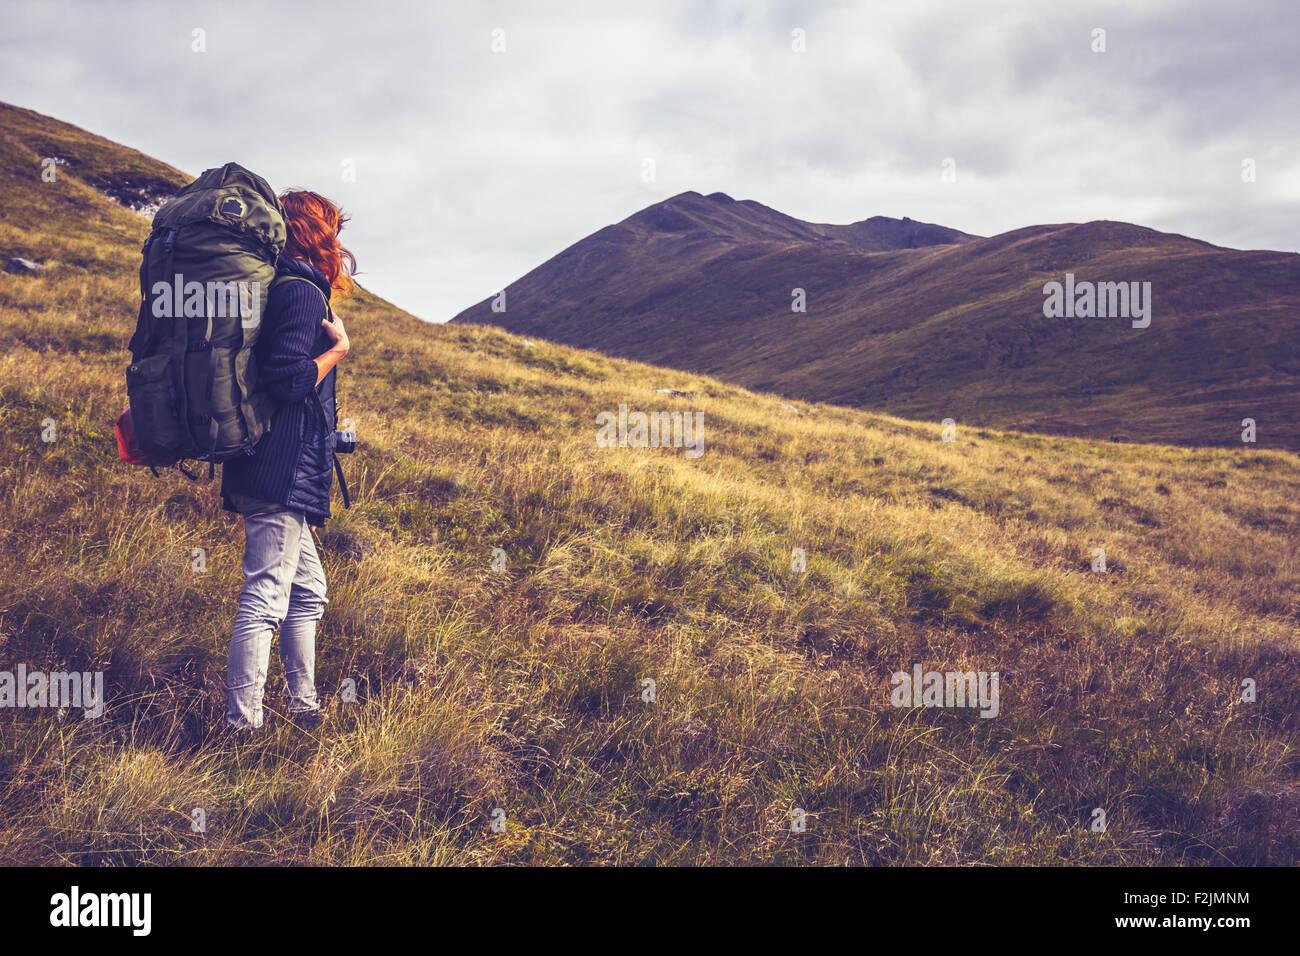 junge Frau backpacking durch Wildnis mit Bergen Stockbild